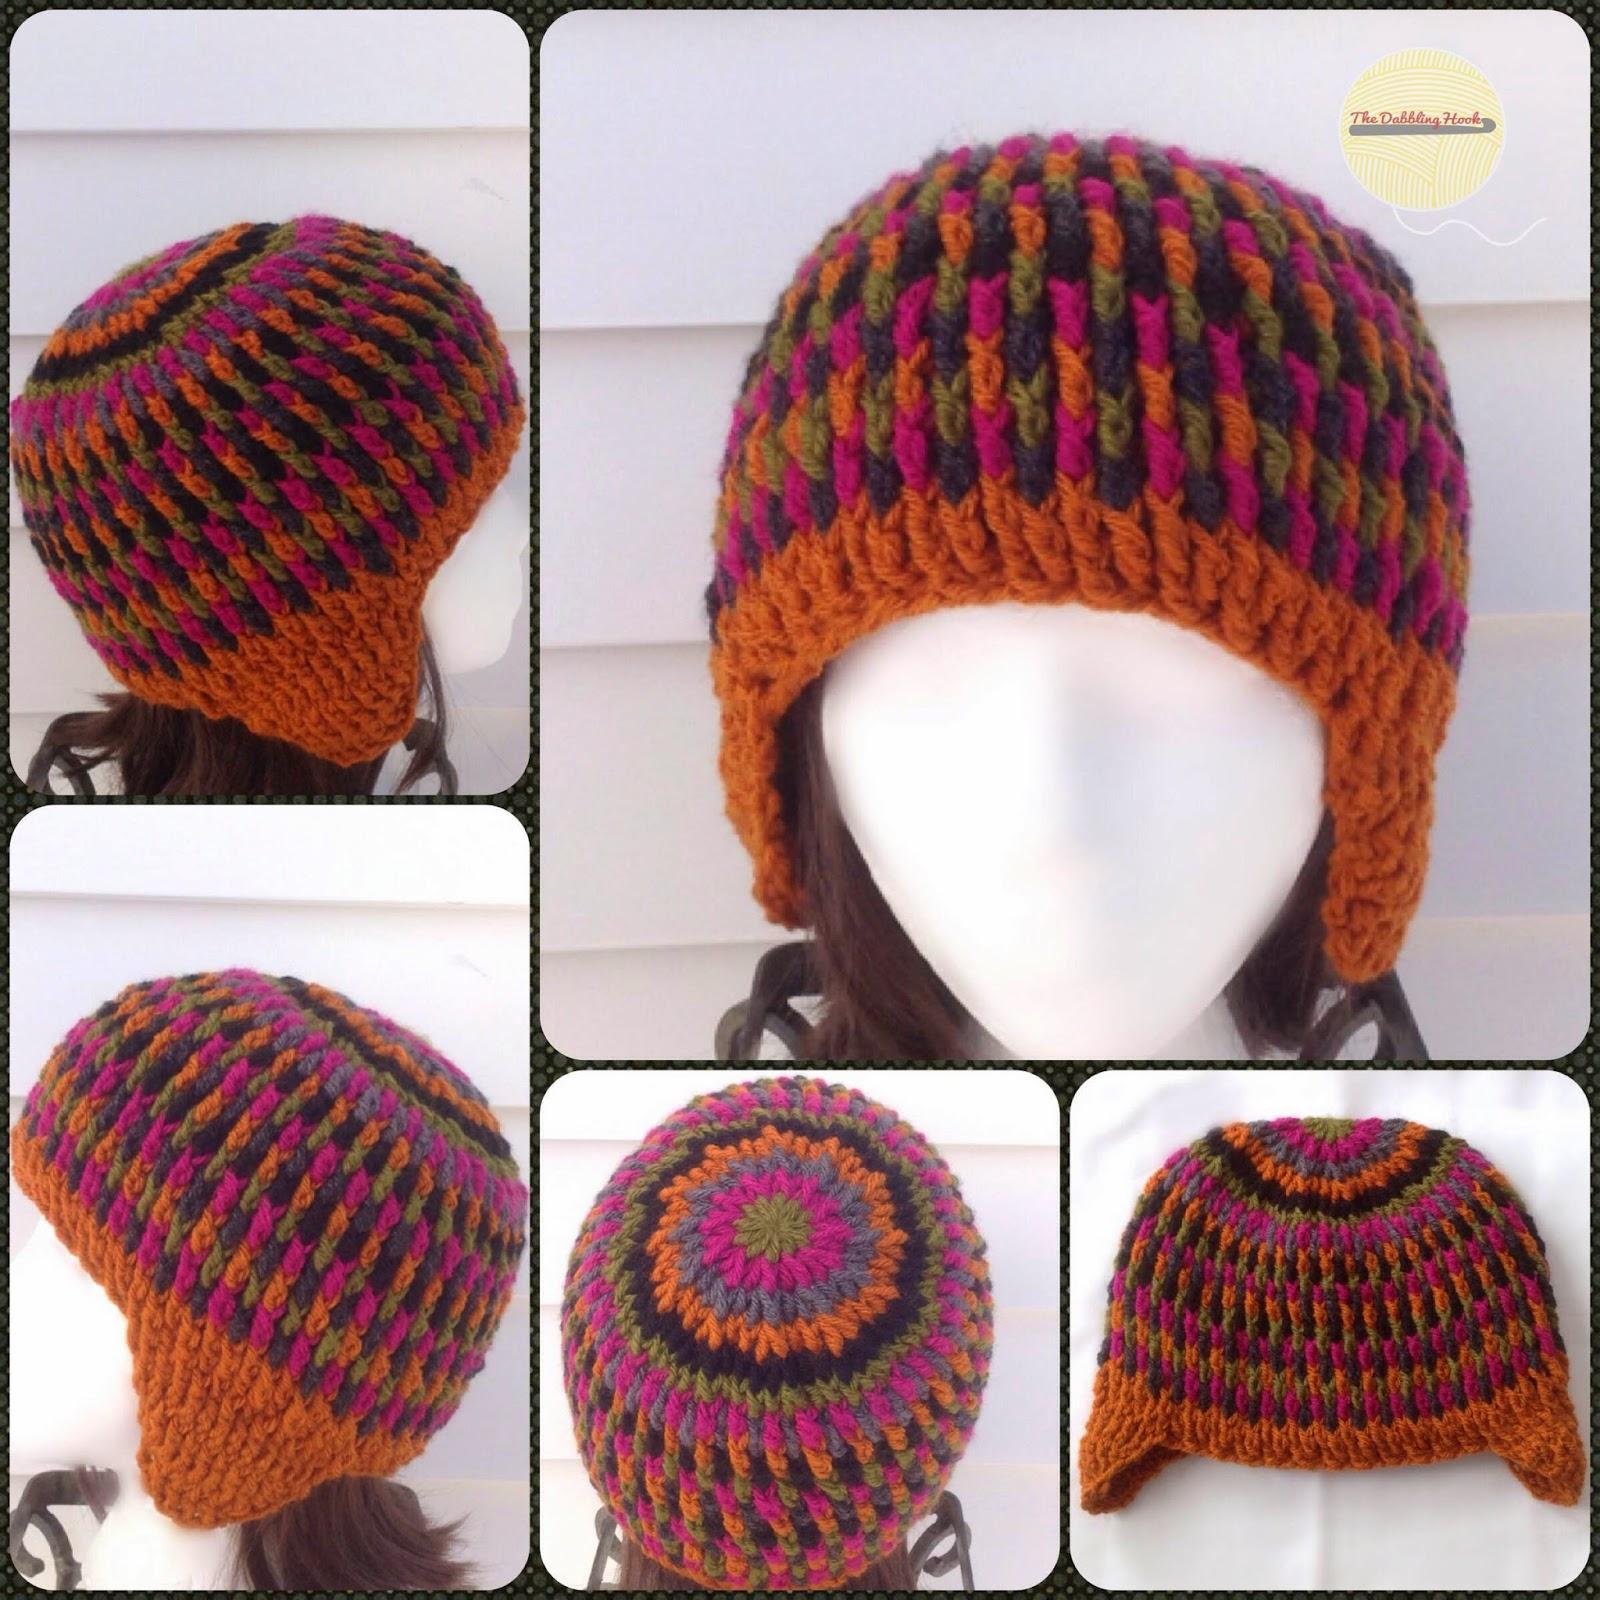 Featured Fan Projects - Gumdrops Hat Free Crochet Pattern